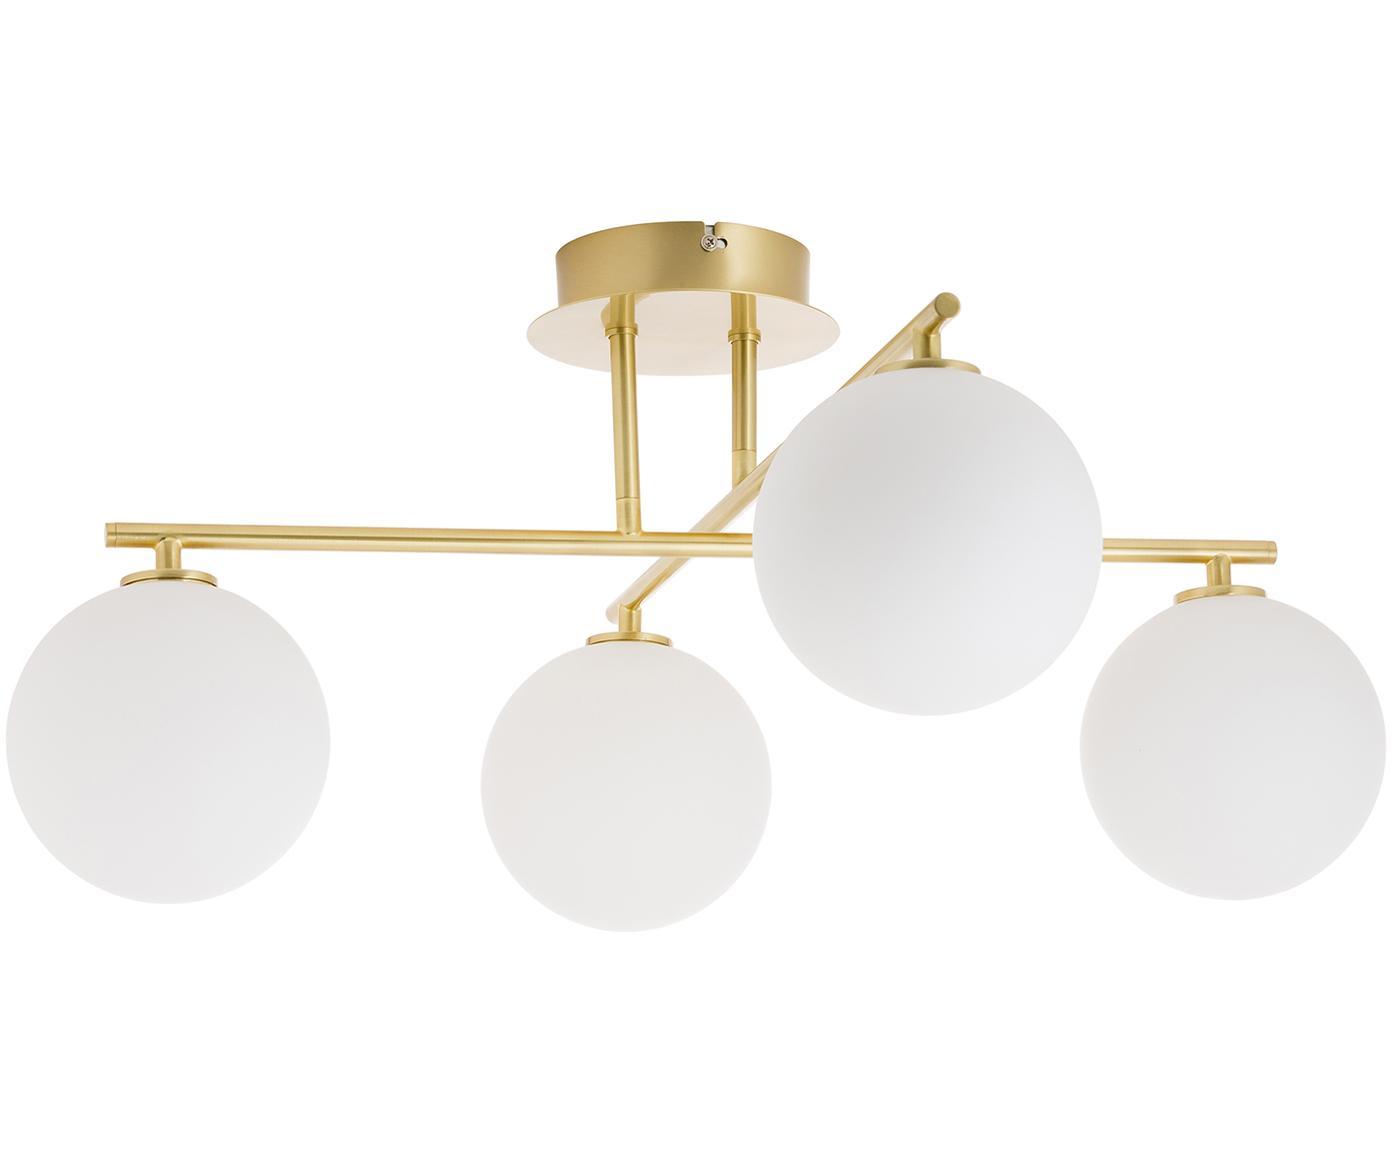 Plafón Atlanta, ajustable, Blanco, latón, An 65 x Al 30 cm